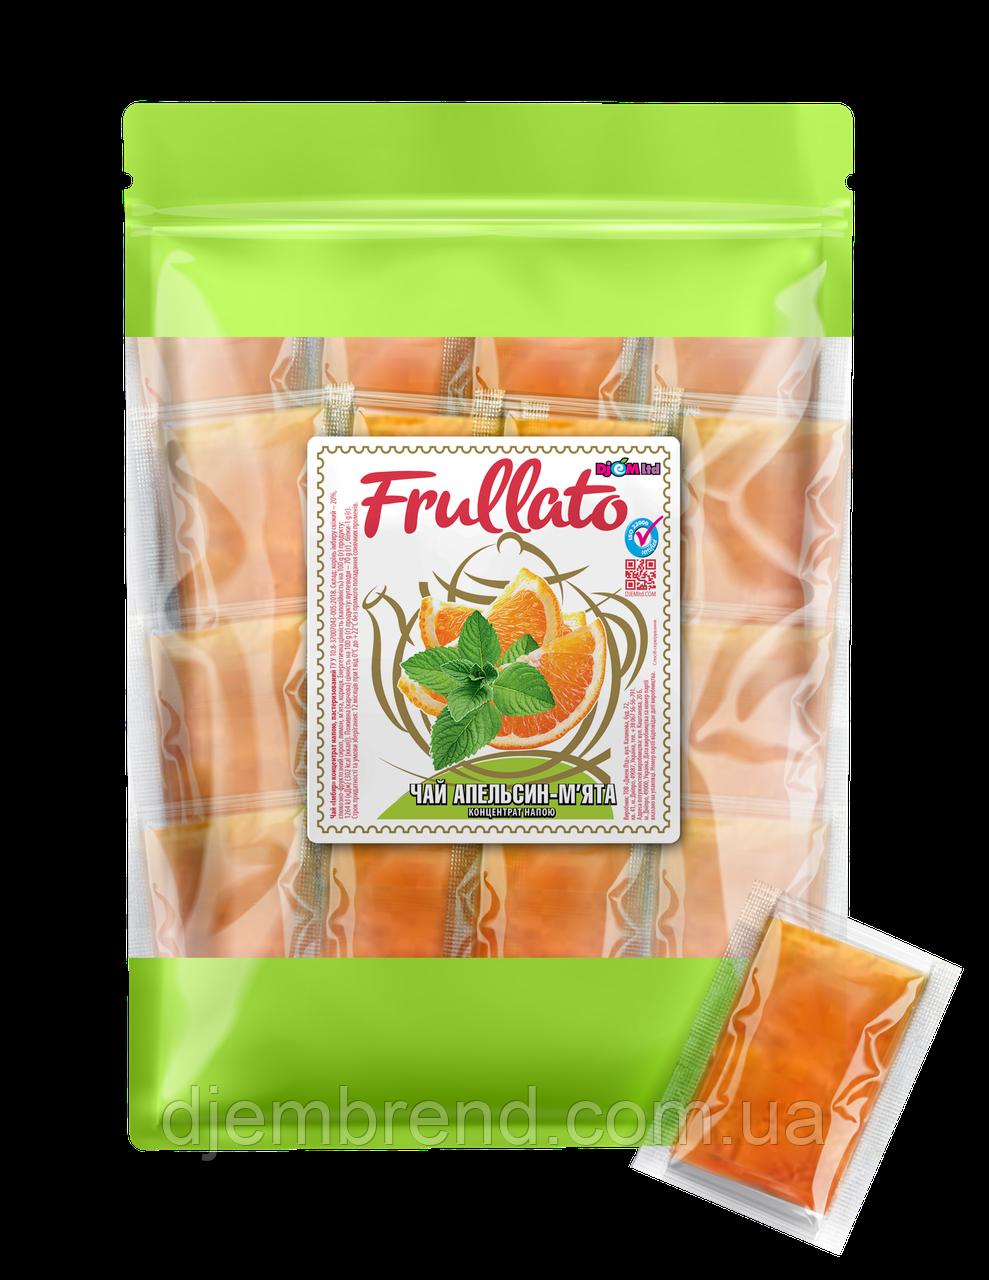 Чай Frullato натуральный Апельсин-мята, 50 шт х 40 г